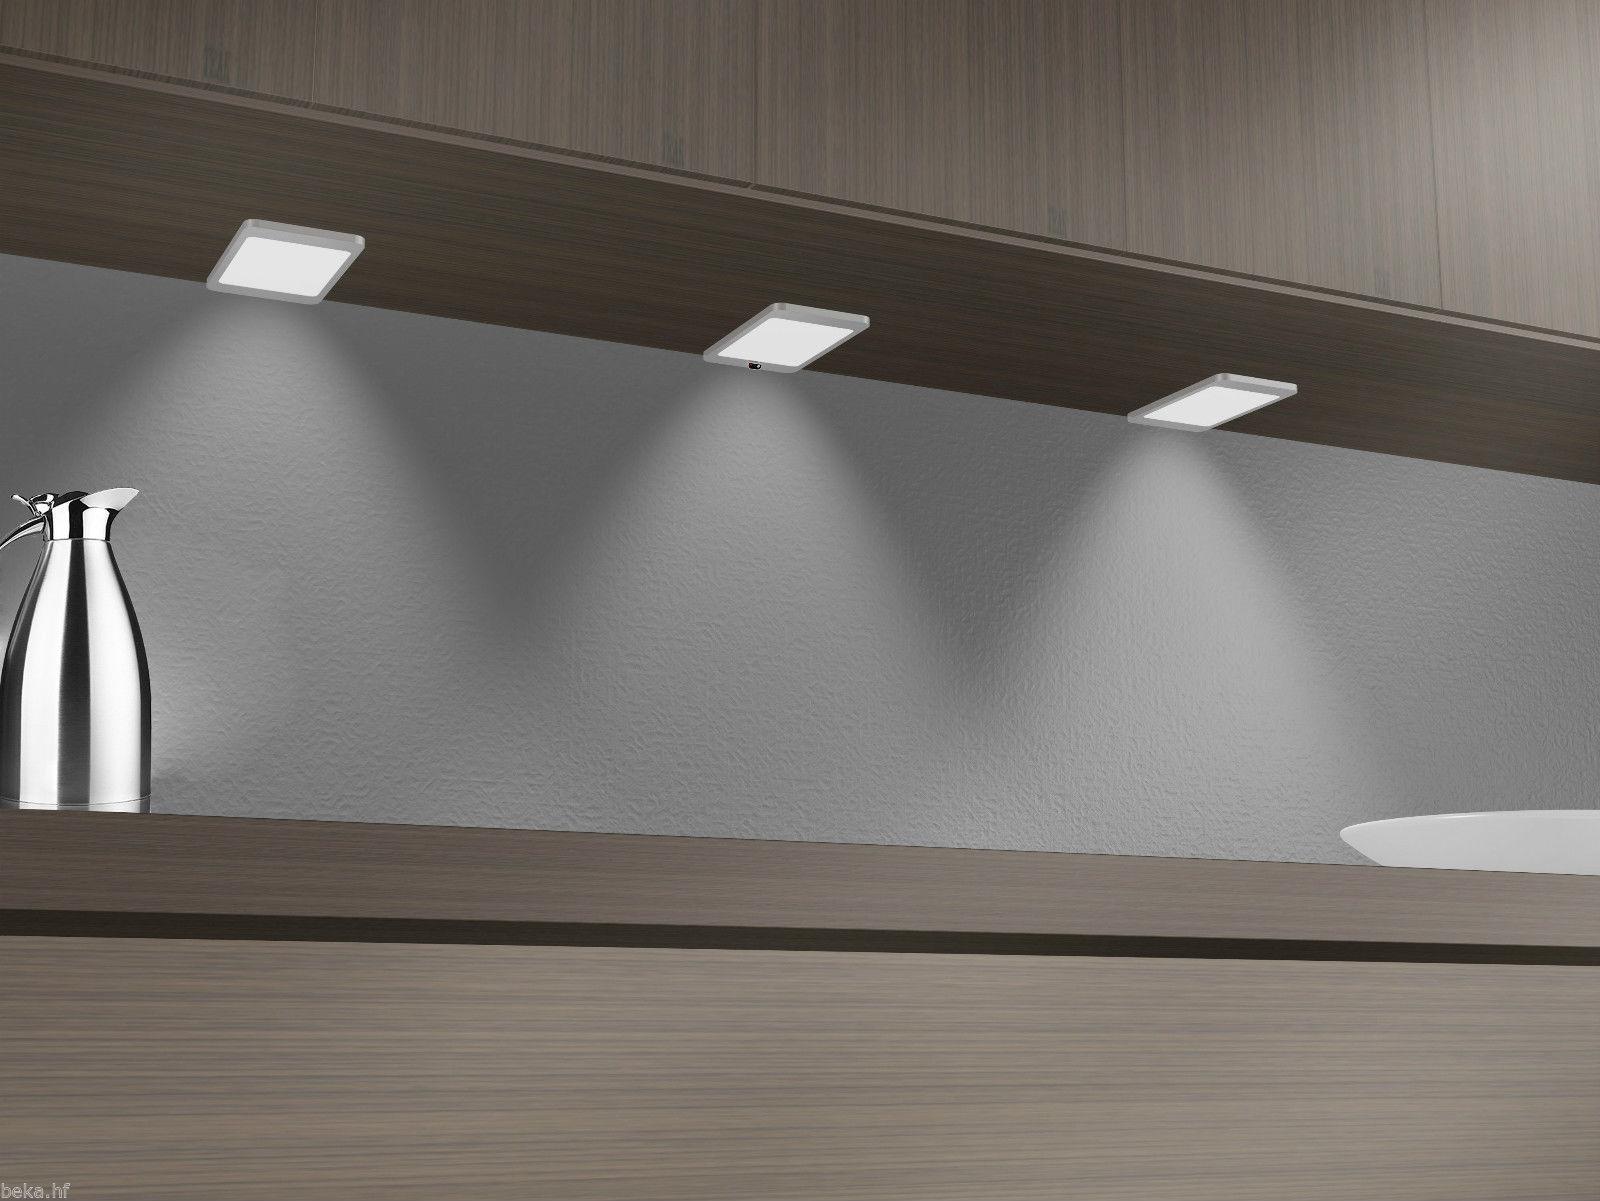 Full Size of Led Unterbauleuchte Küche Zusammenstellen Vorhang Vinylboden Wasserhahn Deckenleuchten Gebrauchte Schrankküche Was Kostet Eine Vorratsschrank Obi Wohnzimmer Unterbauleuchten Küche